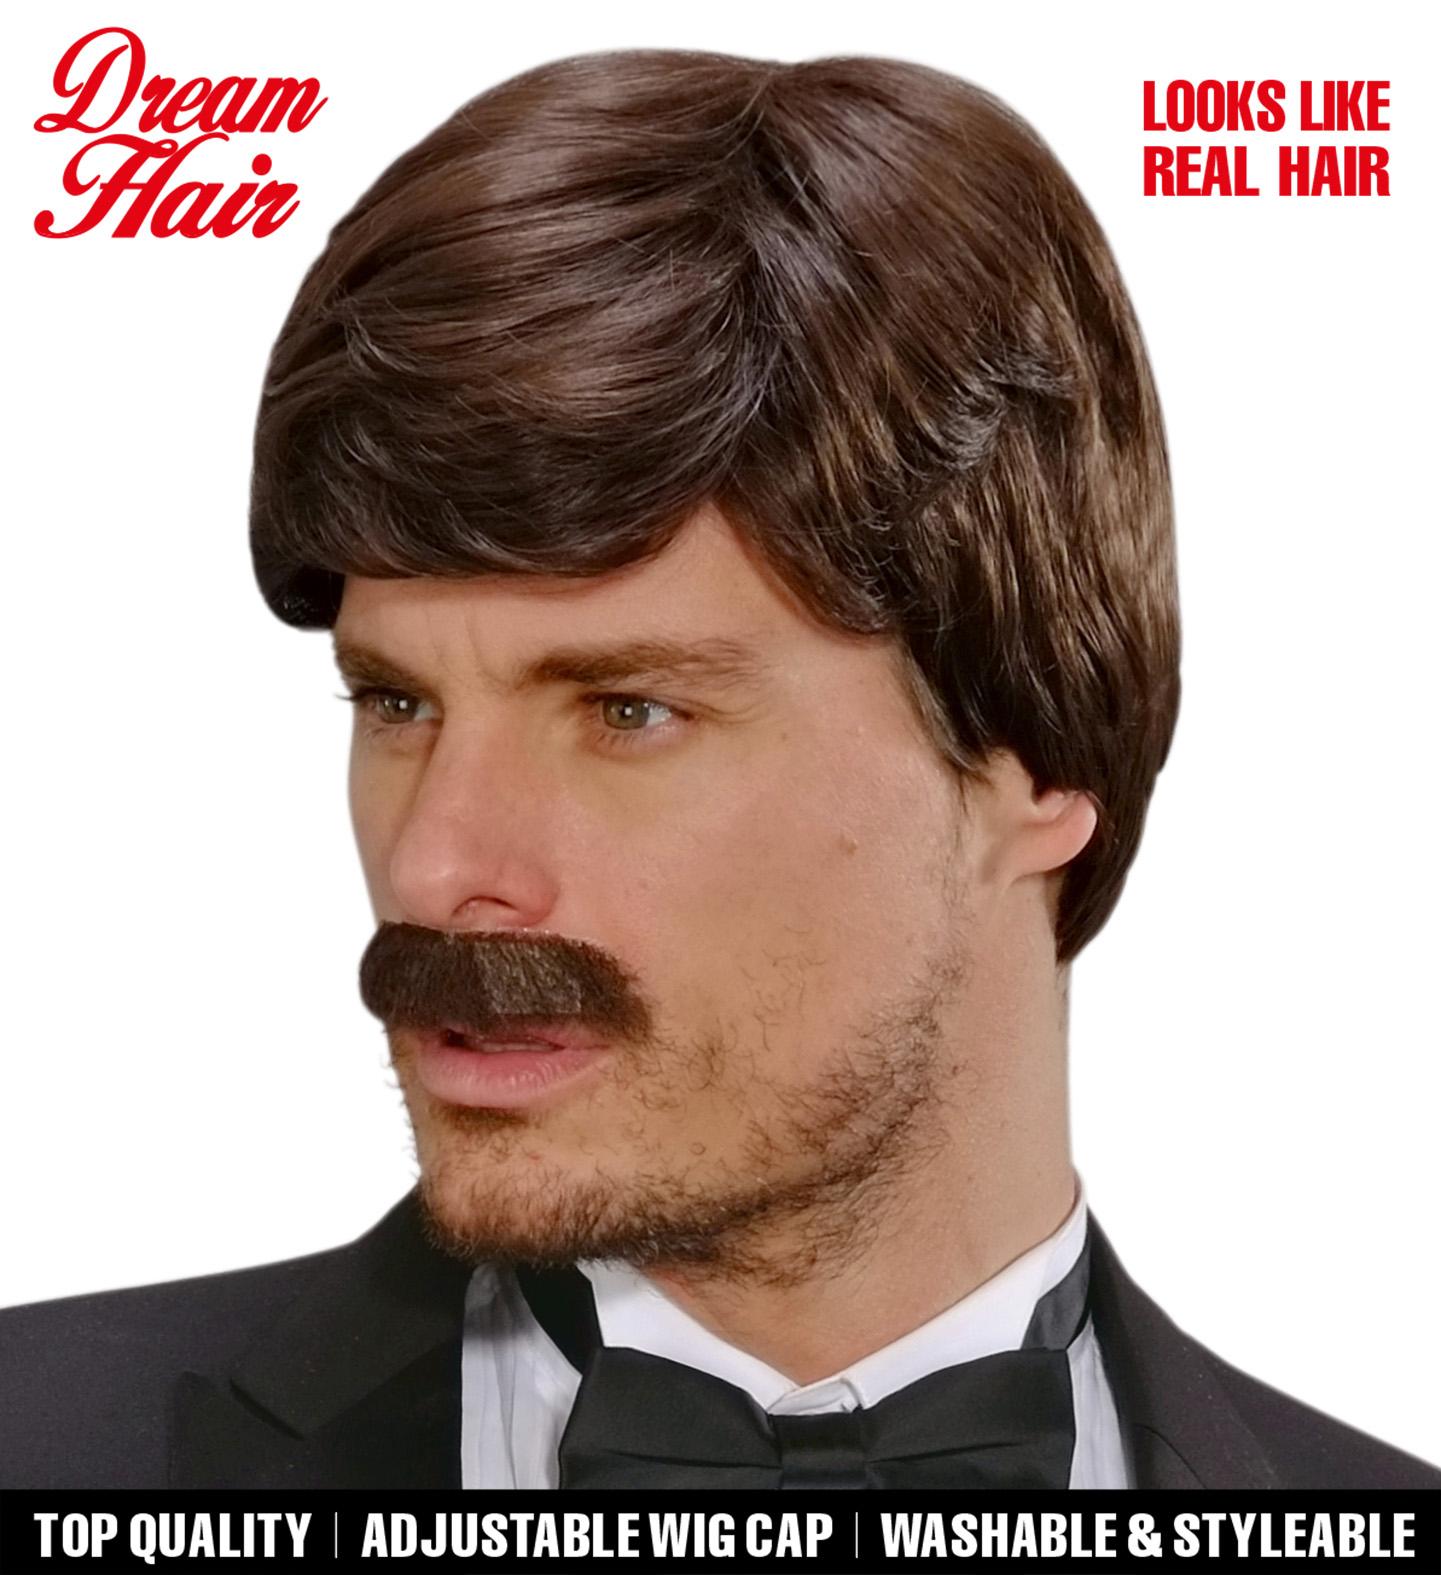 Brown Playboy Dreamhair Wig & Moustache Fancy Dress